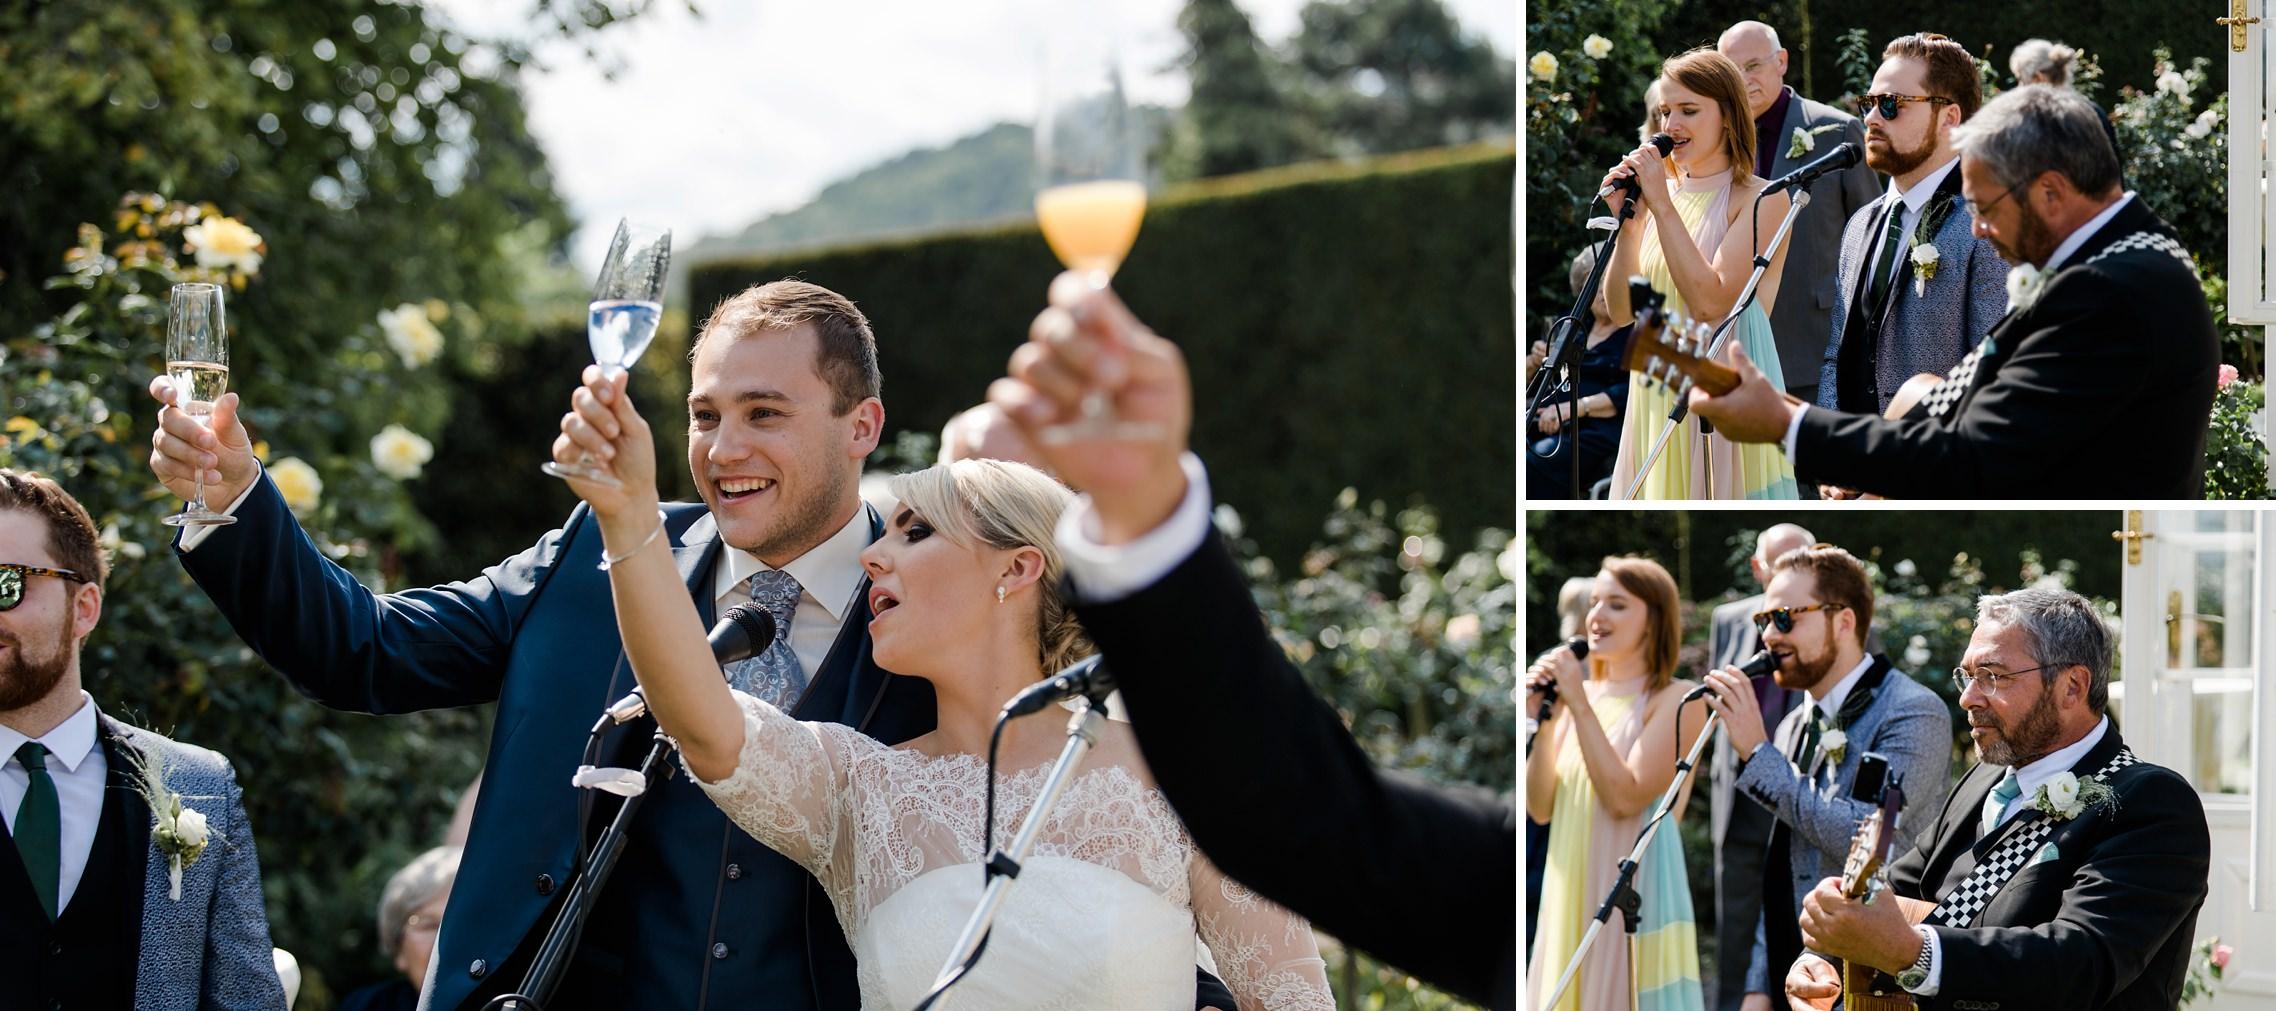 Das Brautpaar stößt mit den Gästen an - daneben spielt die Band.